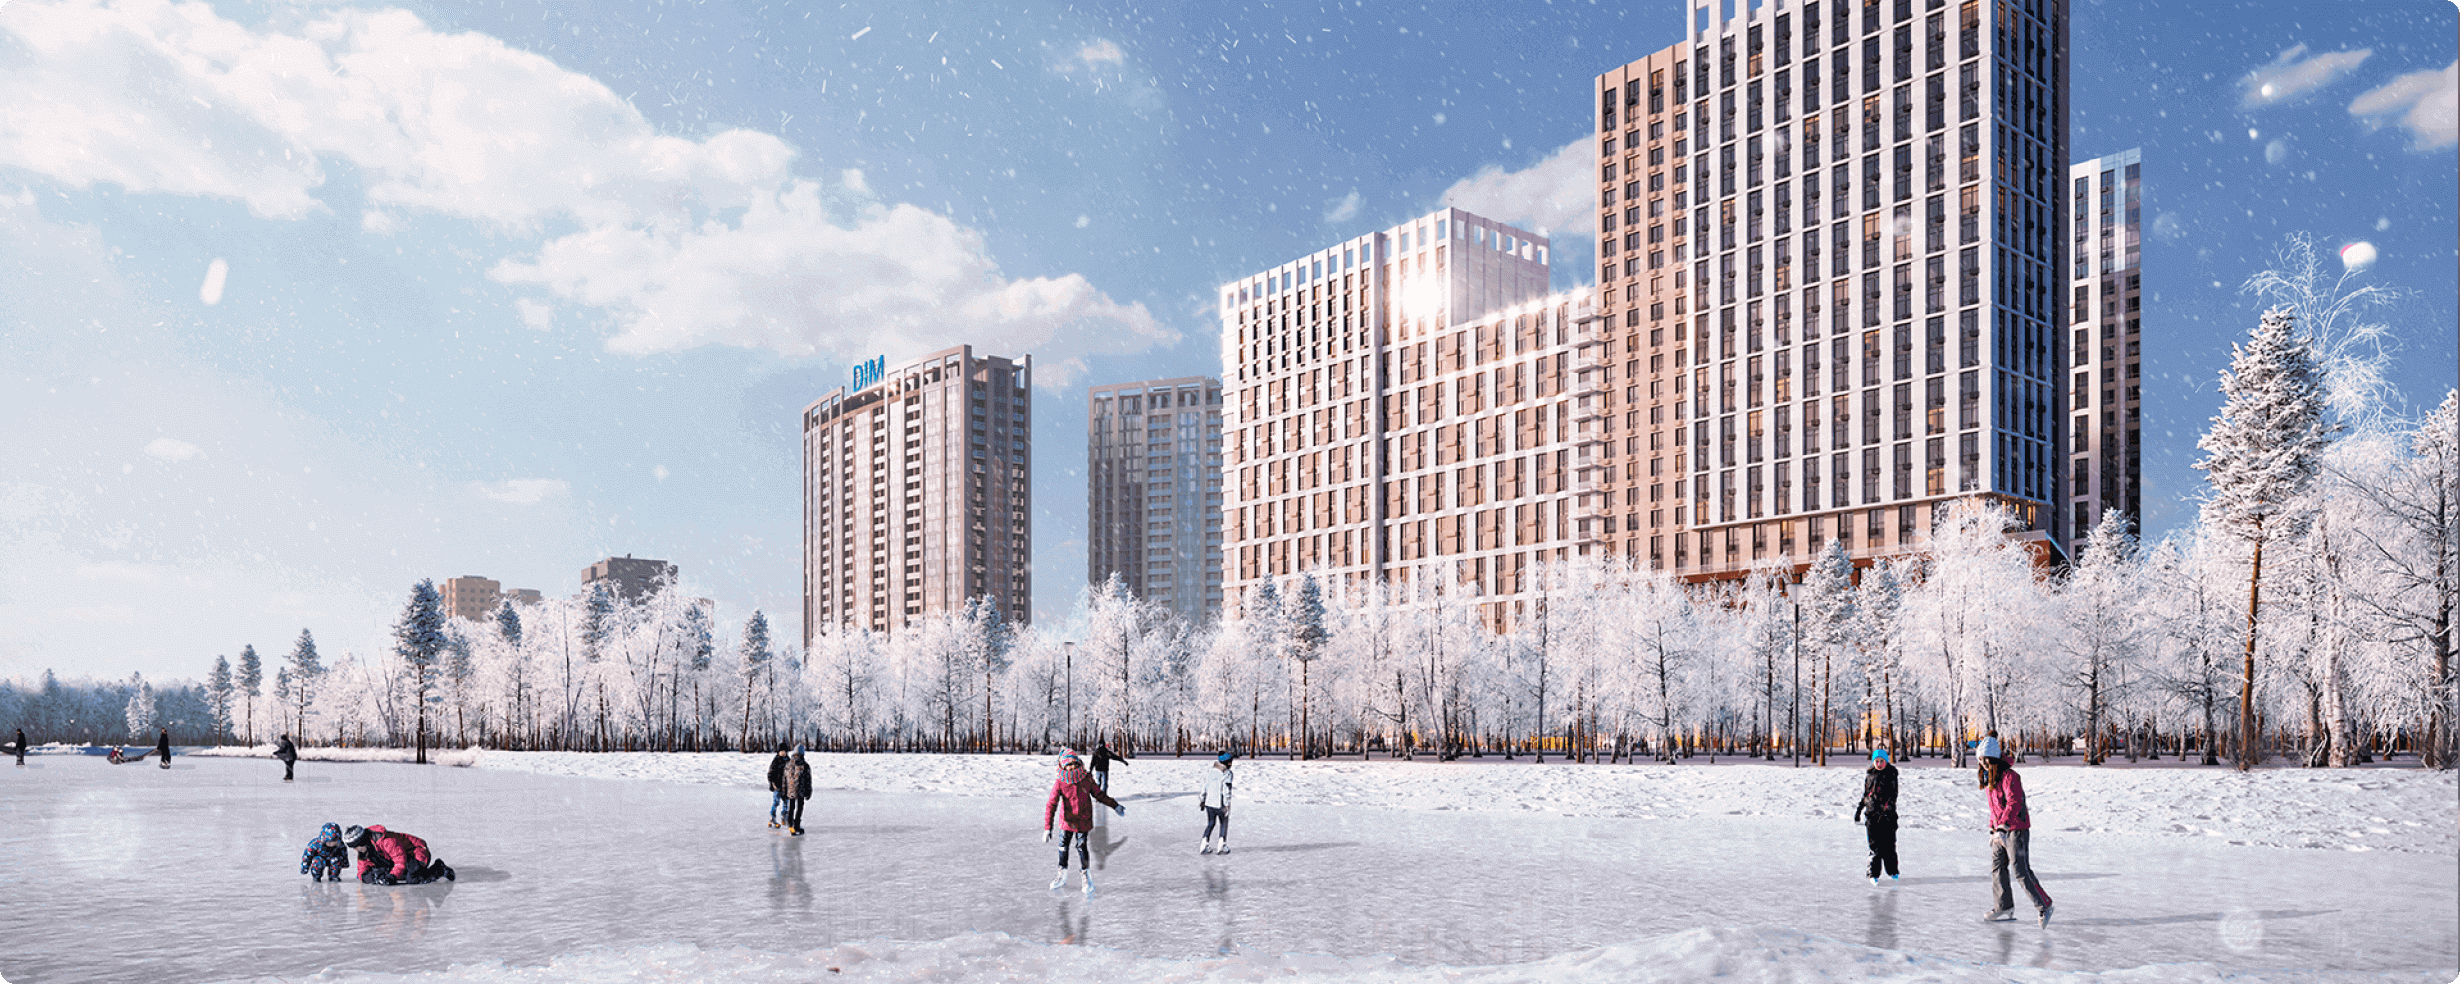 Единый центр недвижимости в Москве